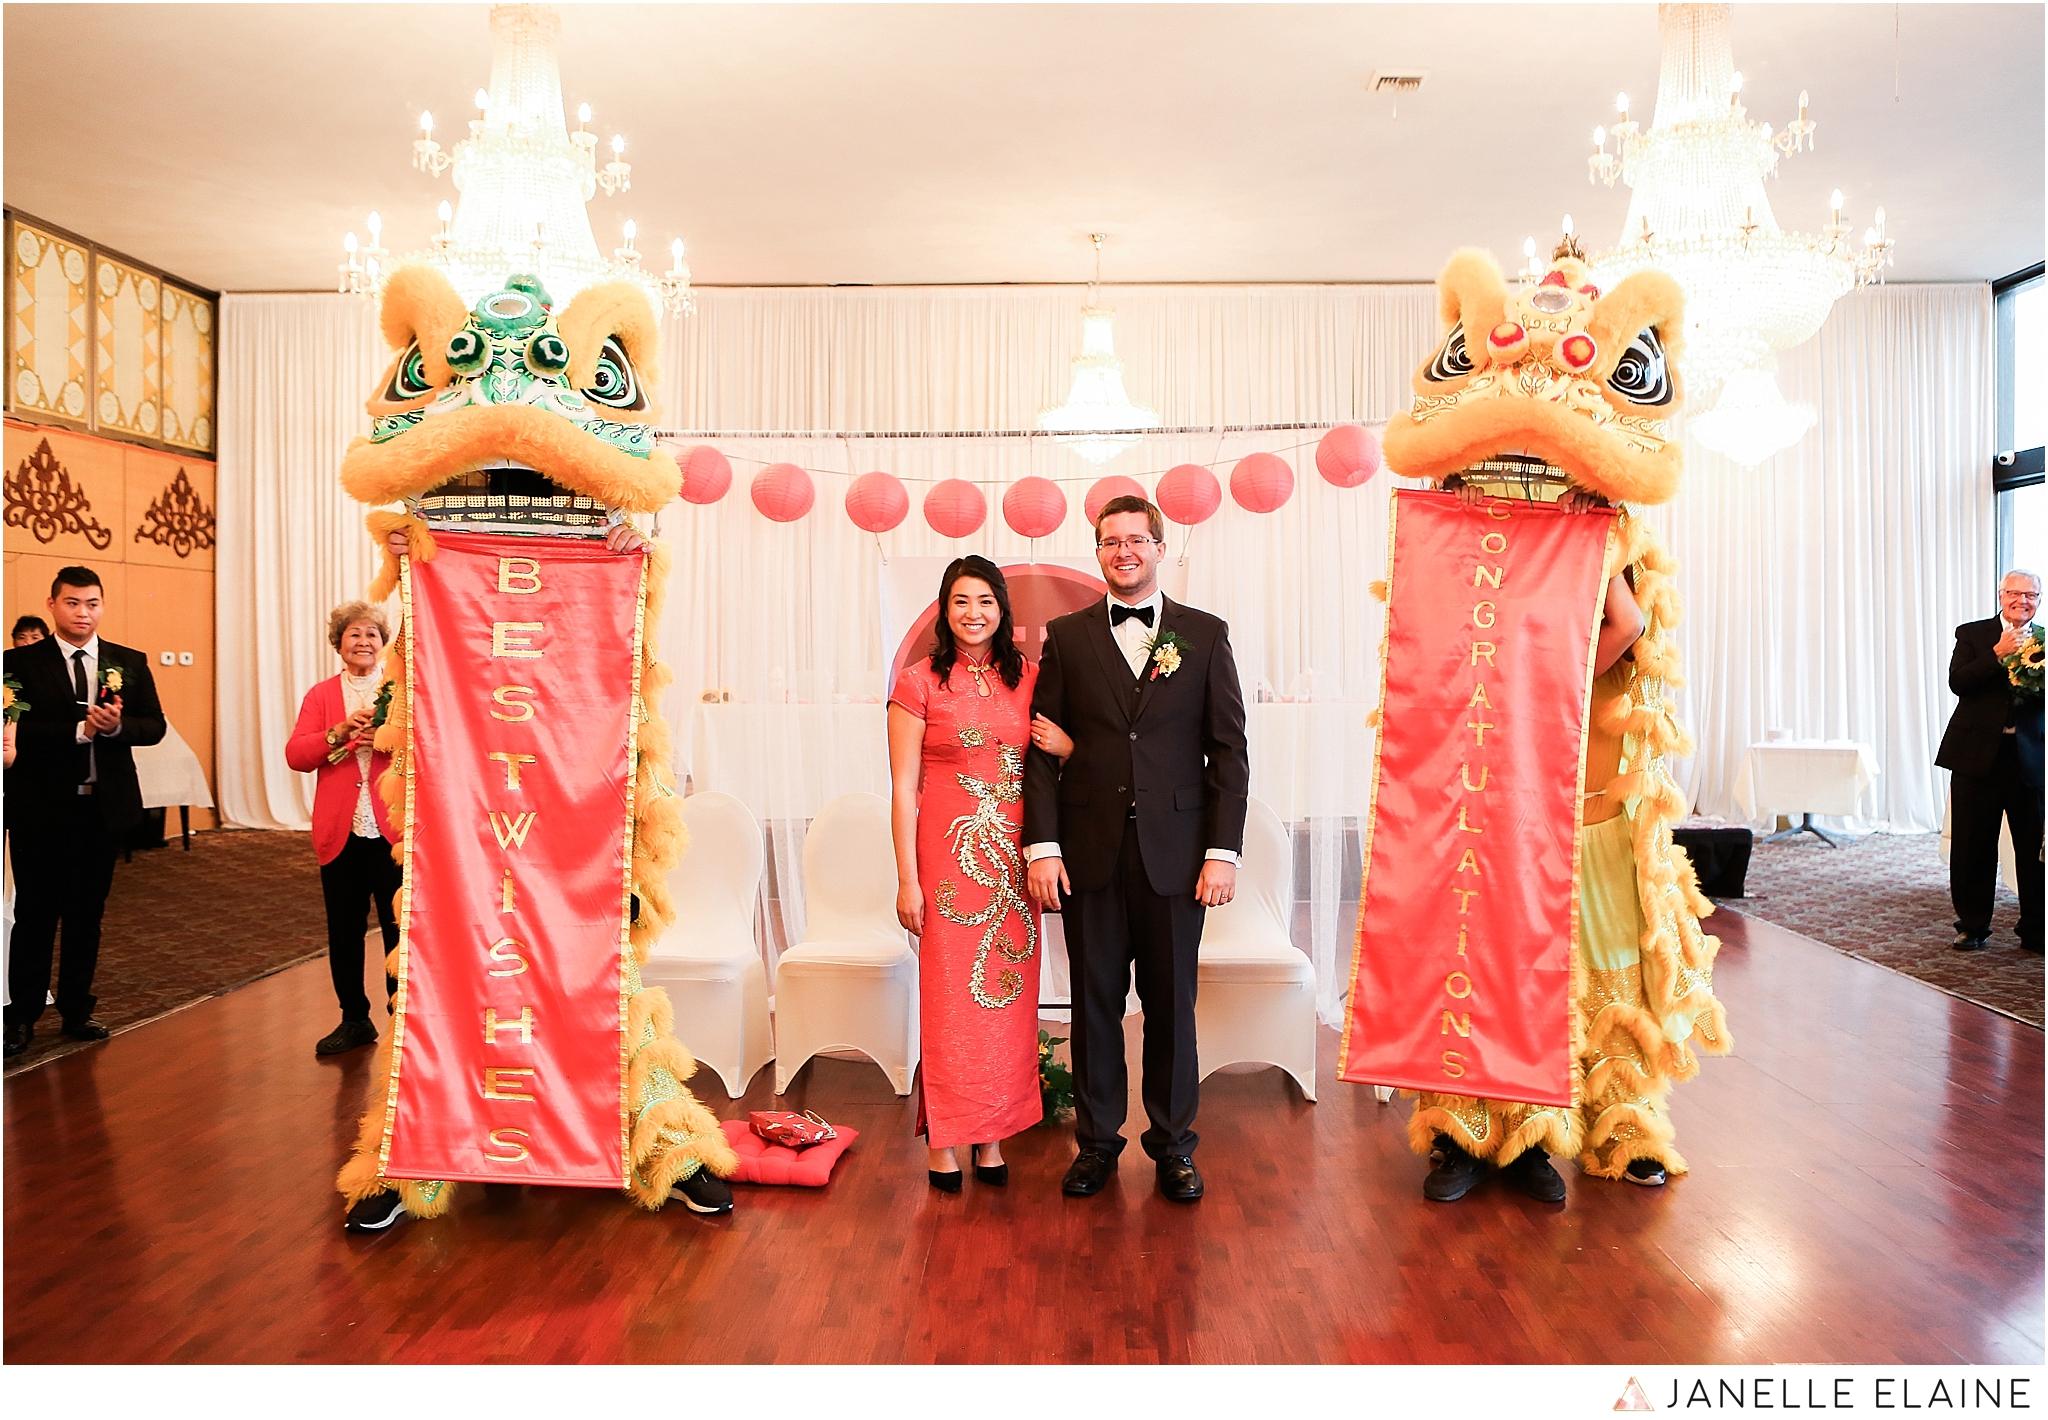 janelle elaine photography-professional wedding photographer seattle--158.jpg